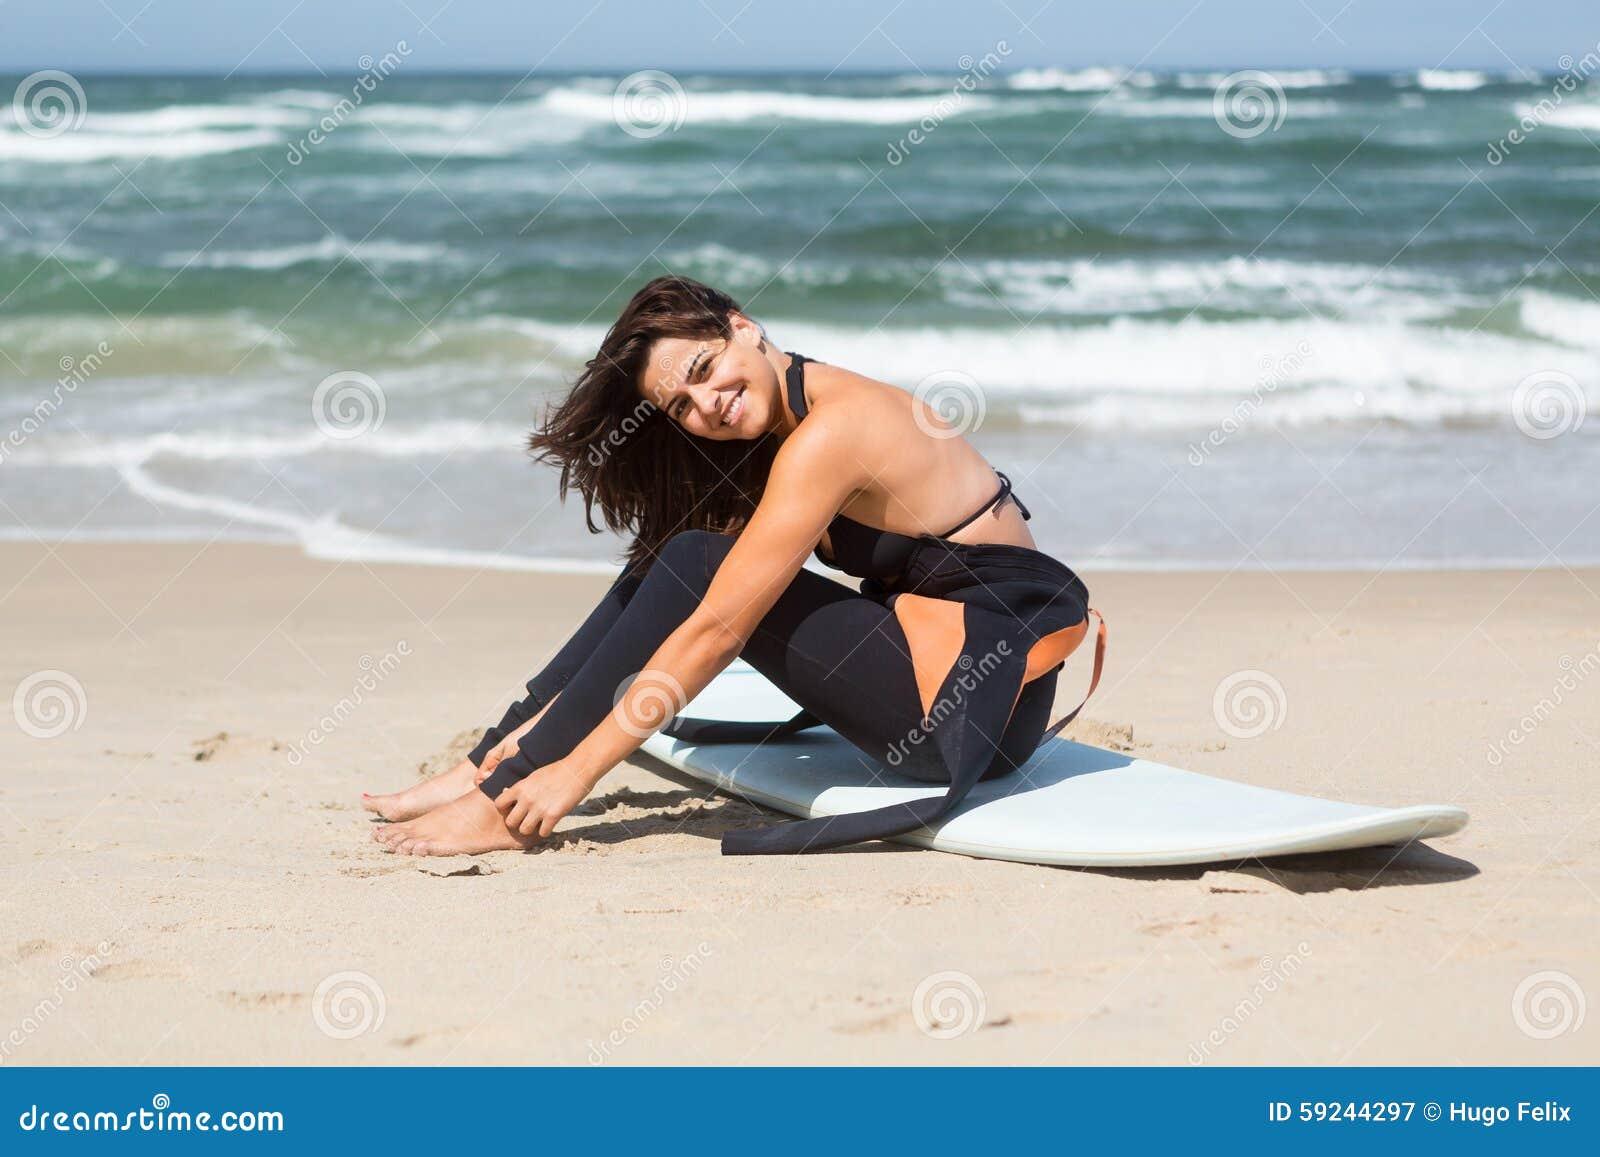 Download ¡Cojamos algunas ondas! imagen de archivo. Imagen de hermoso - 59244297